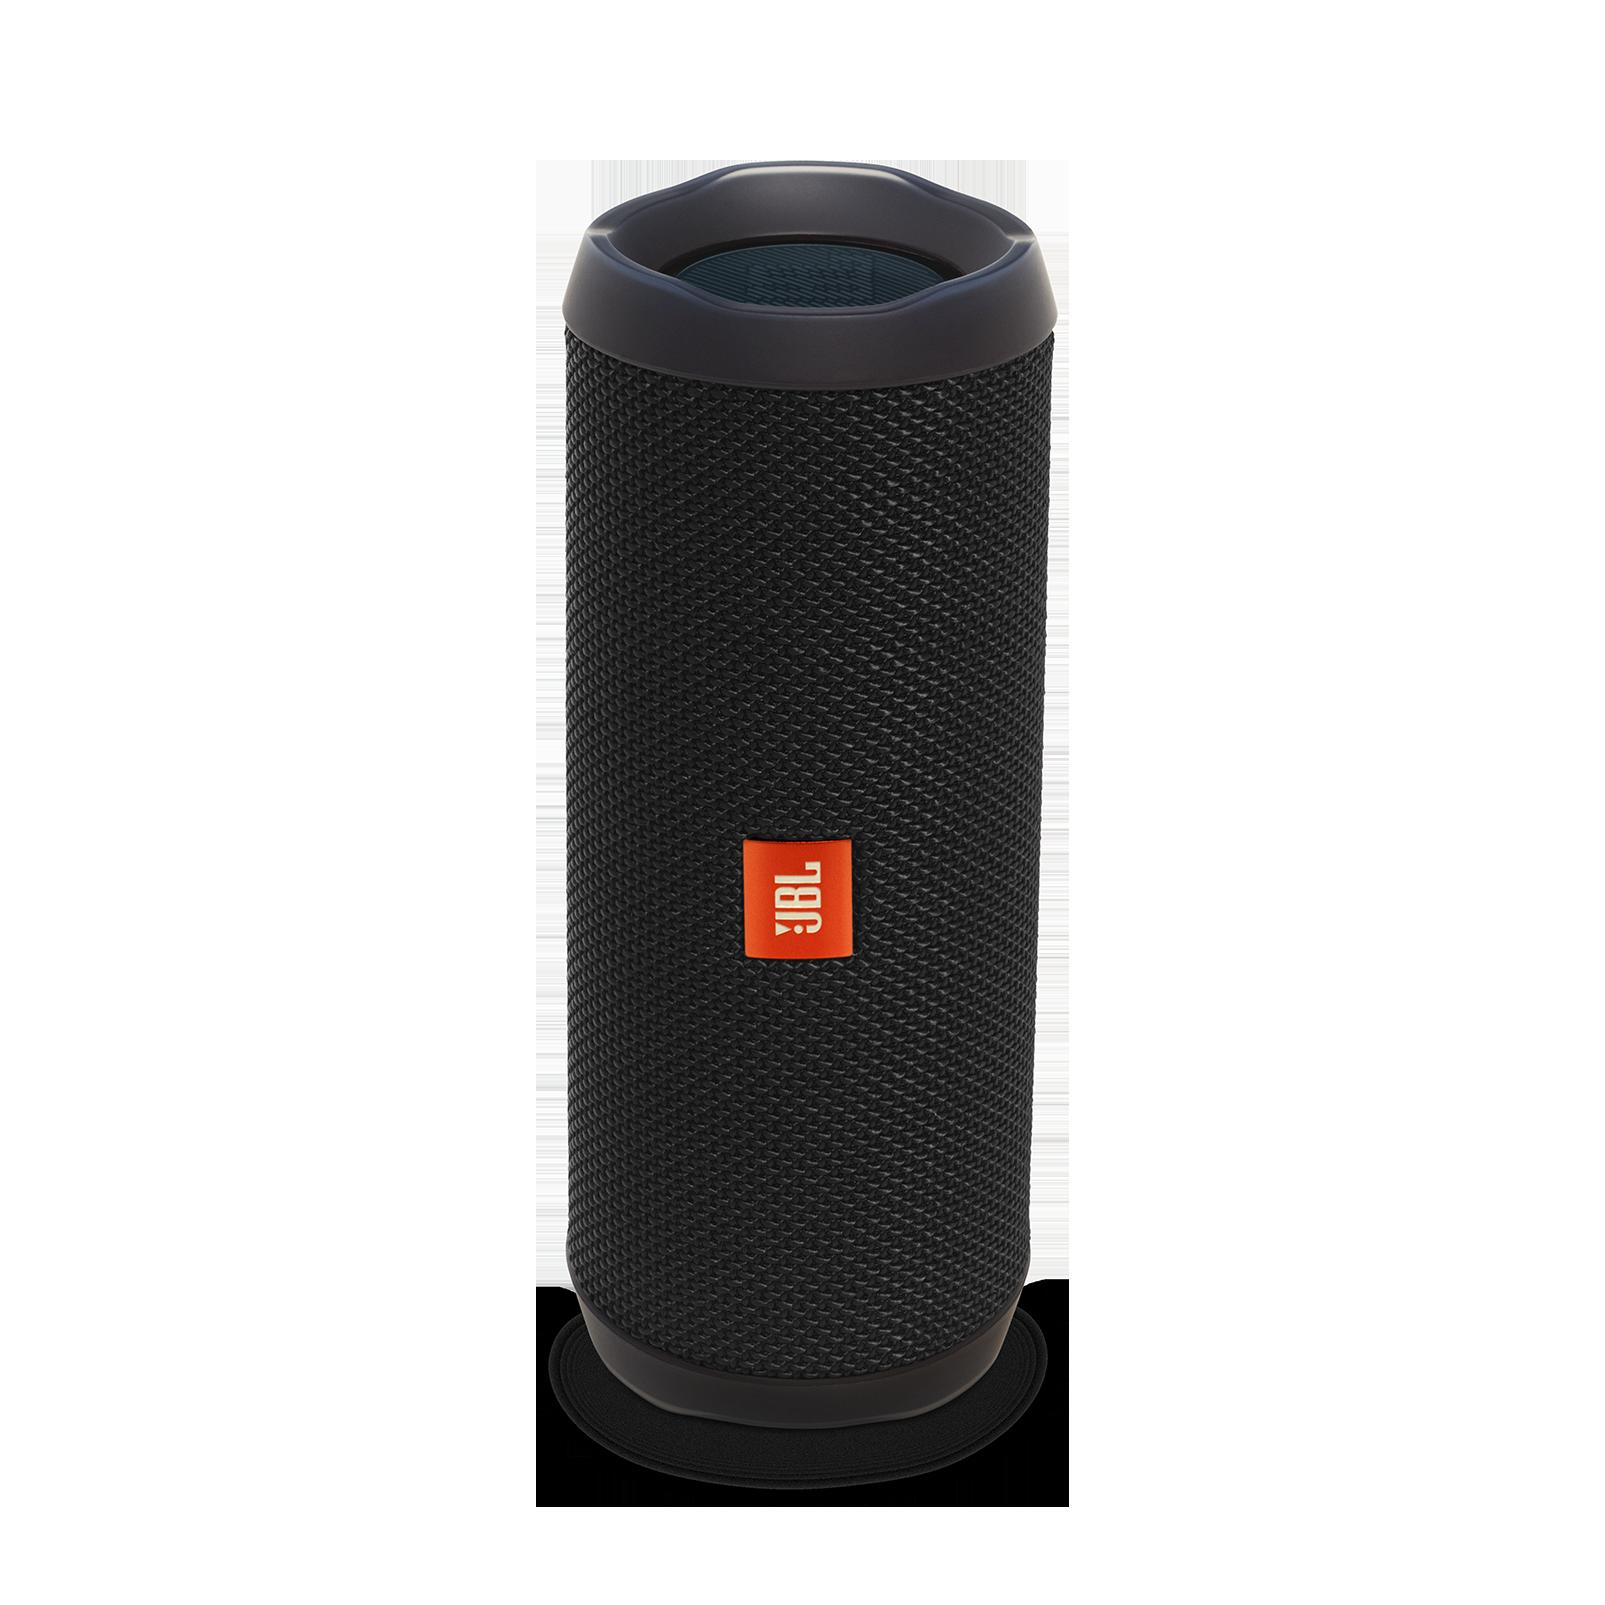 Enceinte Jbl Salle De Bain ~ jbl flip 4 enceinte bluetooth portable waterproof